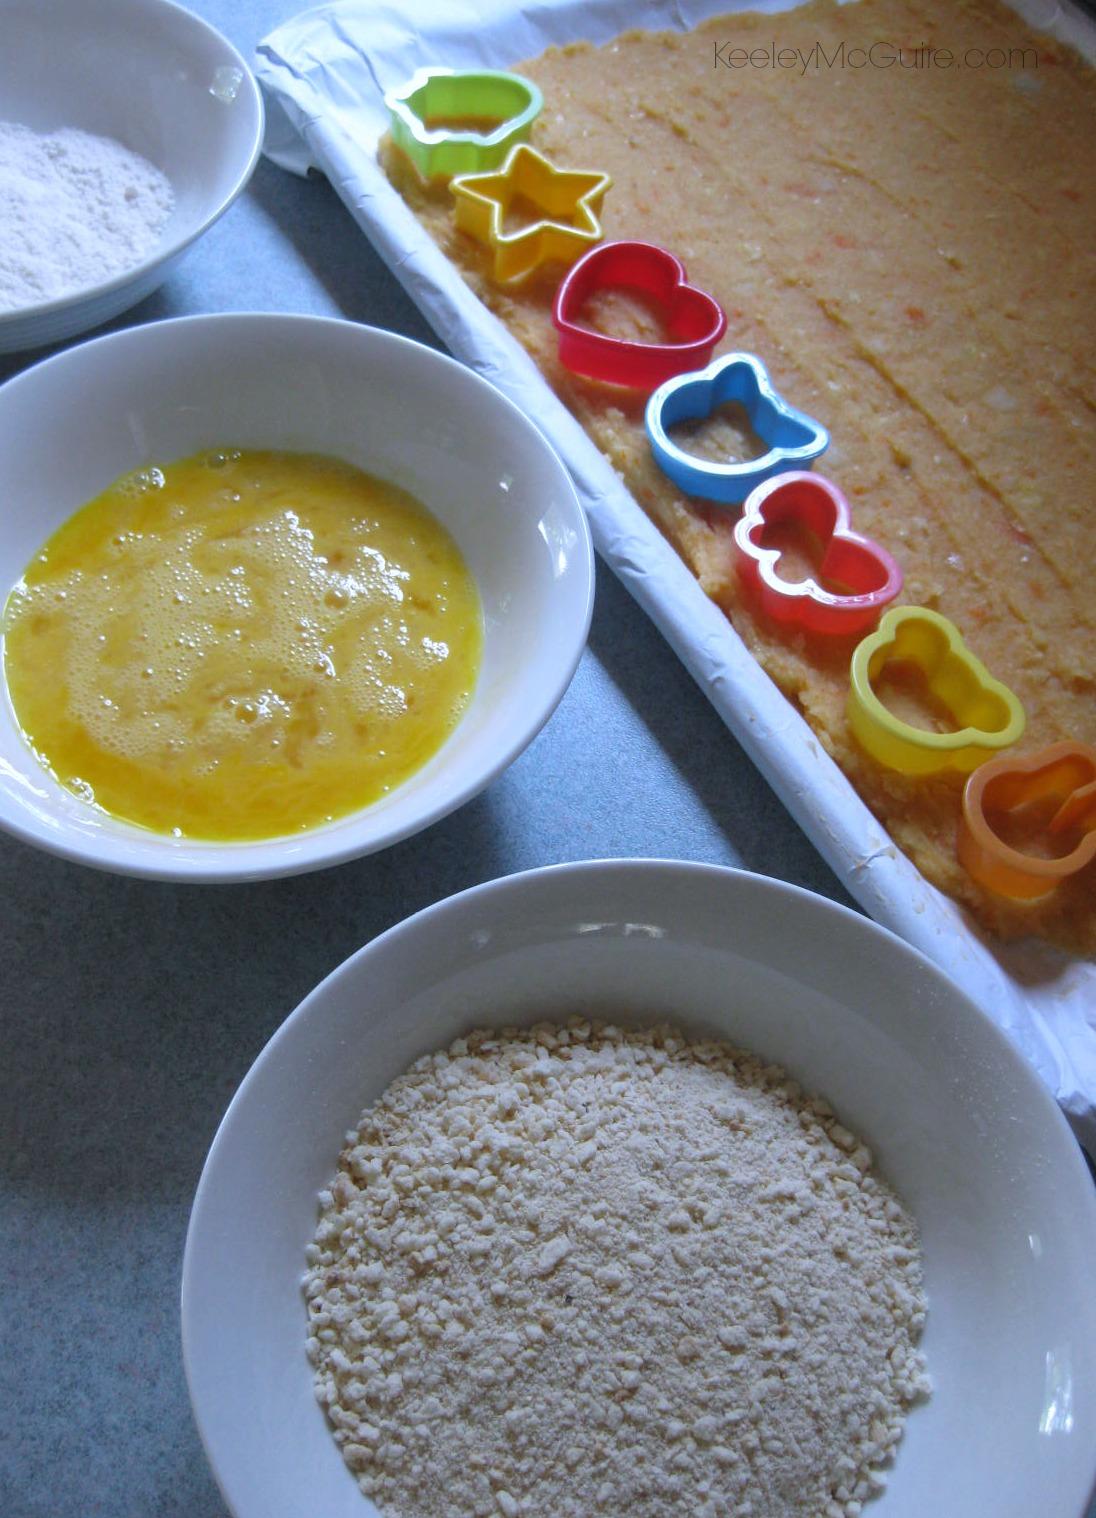 ... : Weelicious Veggie Nuggets #Recipe {Gluten, Dairy, & Nut Free #GFCF